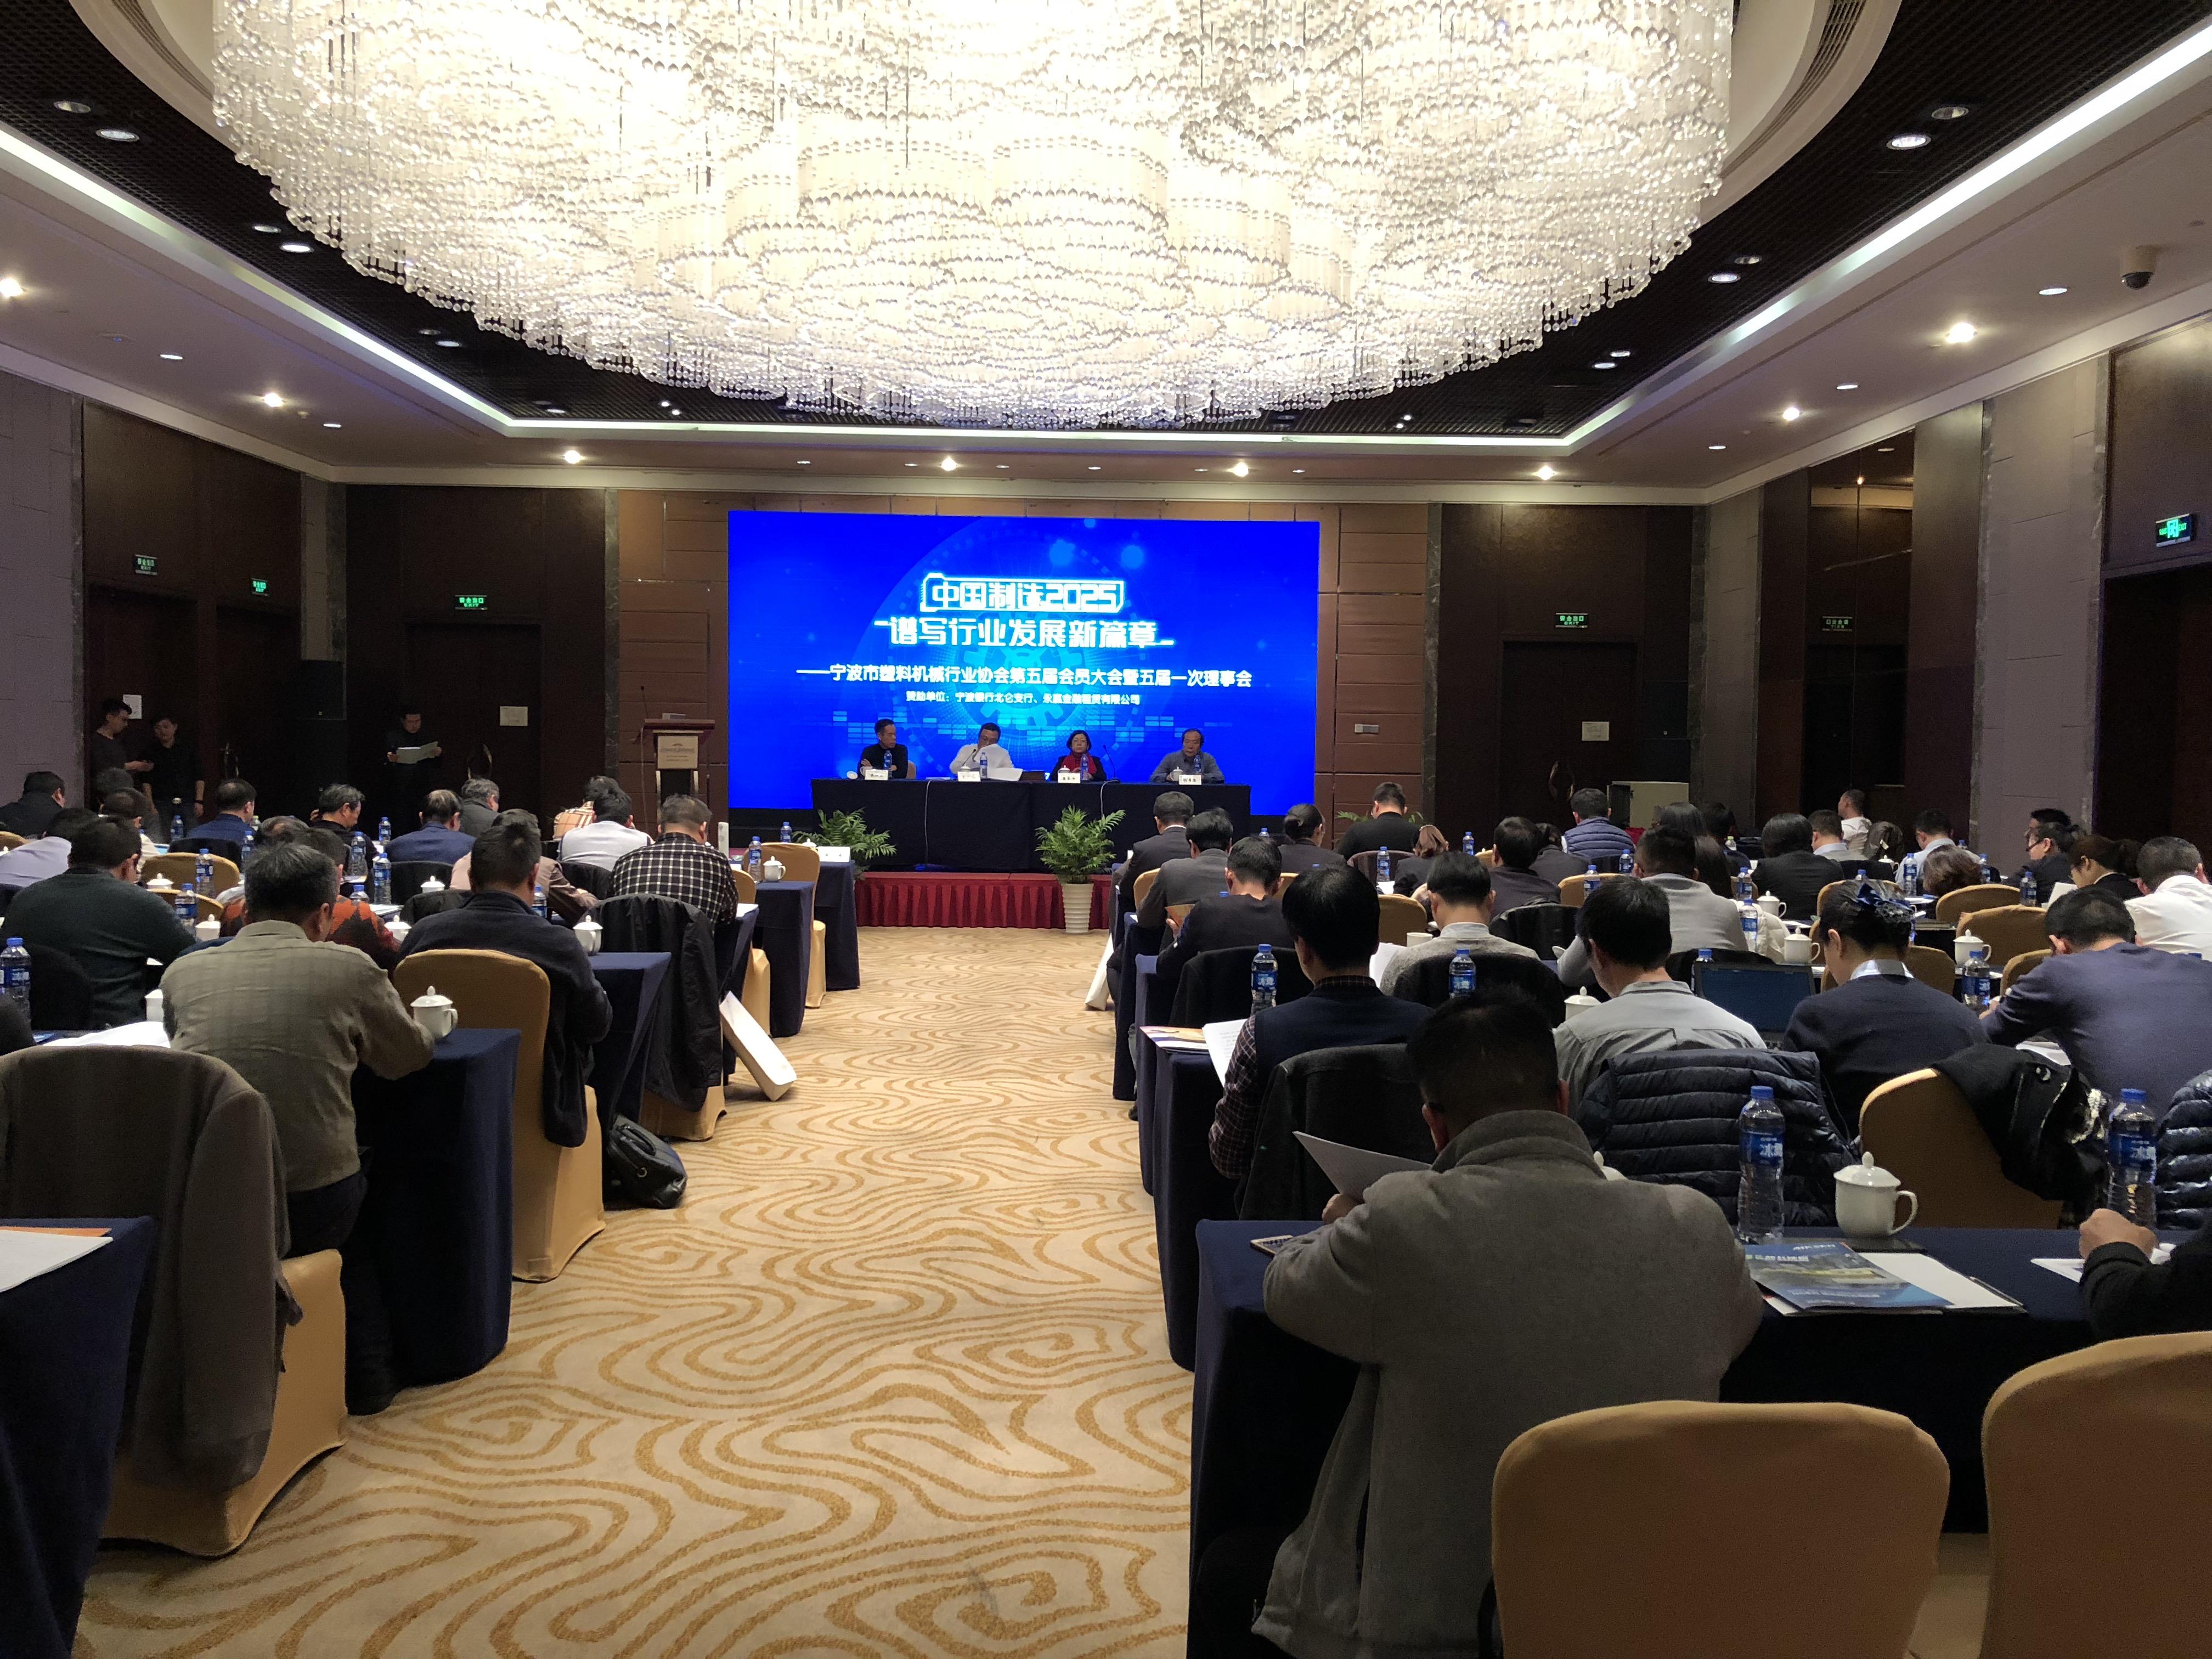 宁波市塑料机械行业协会第五届会员大会暨五届一次理事会顺利召开